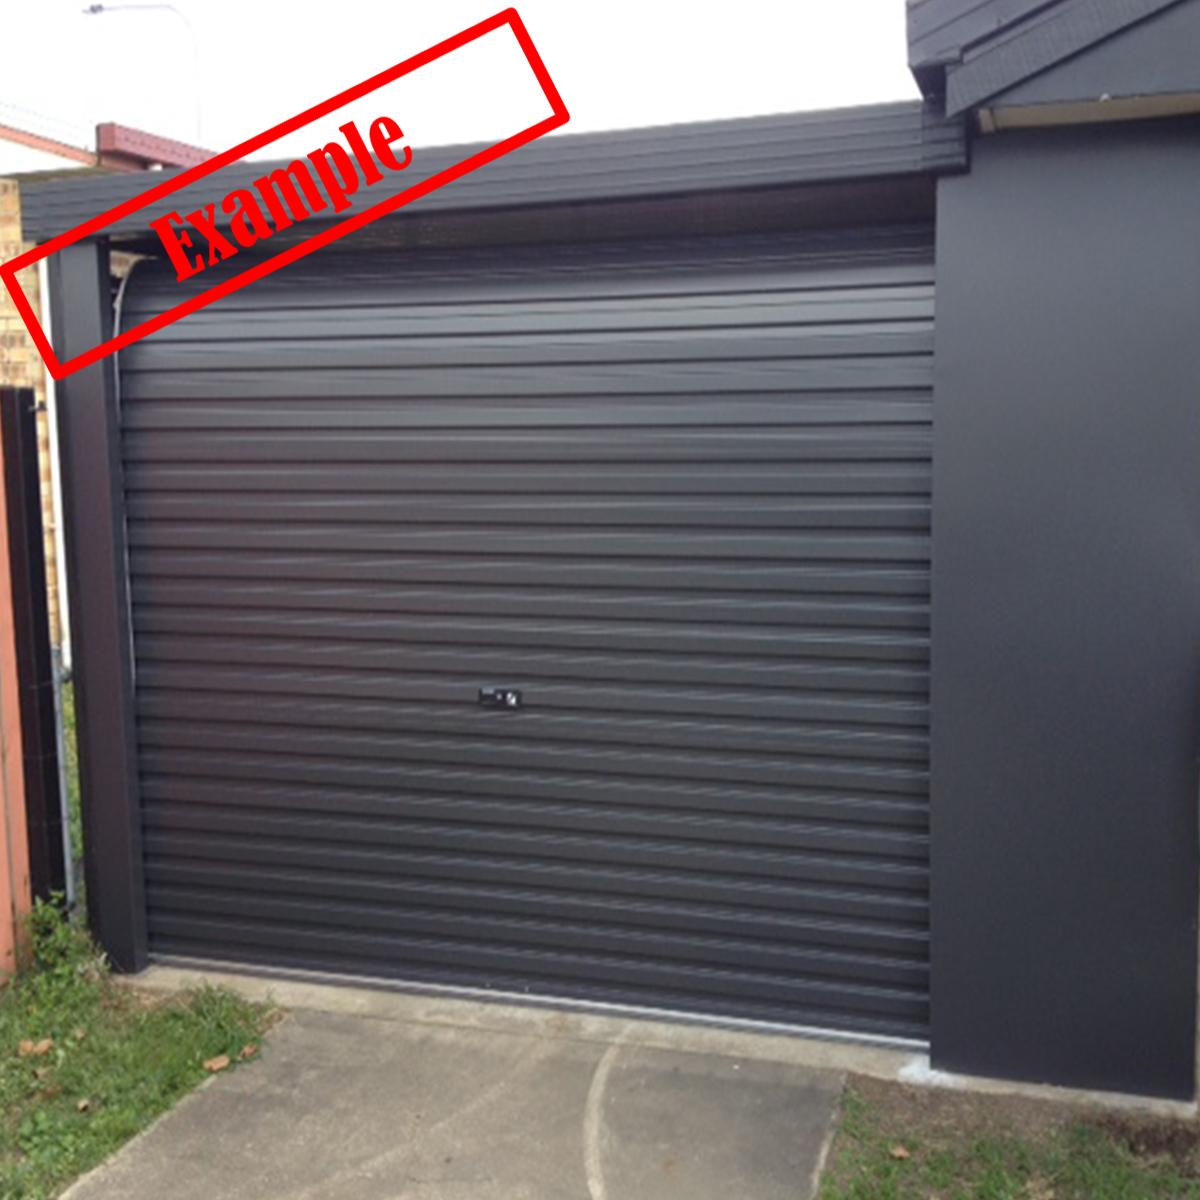 A Series Steel Line Garage Roller Door Monument Colour